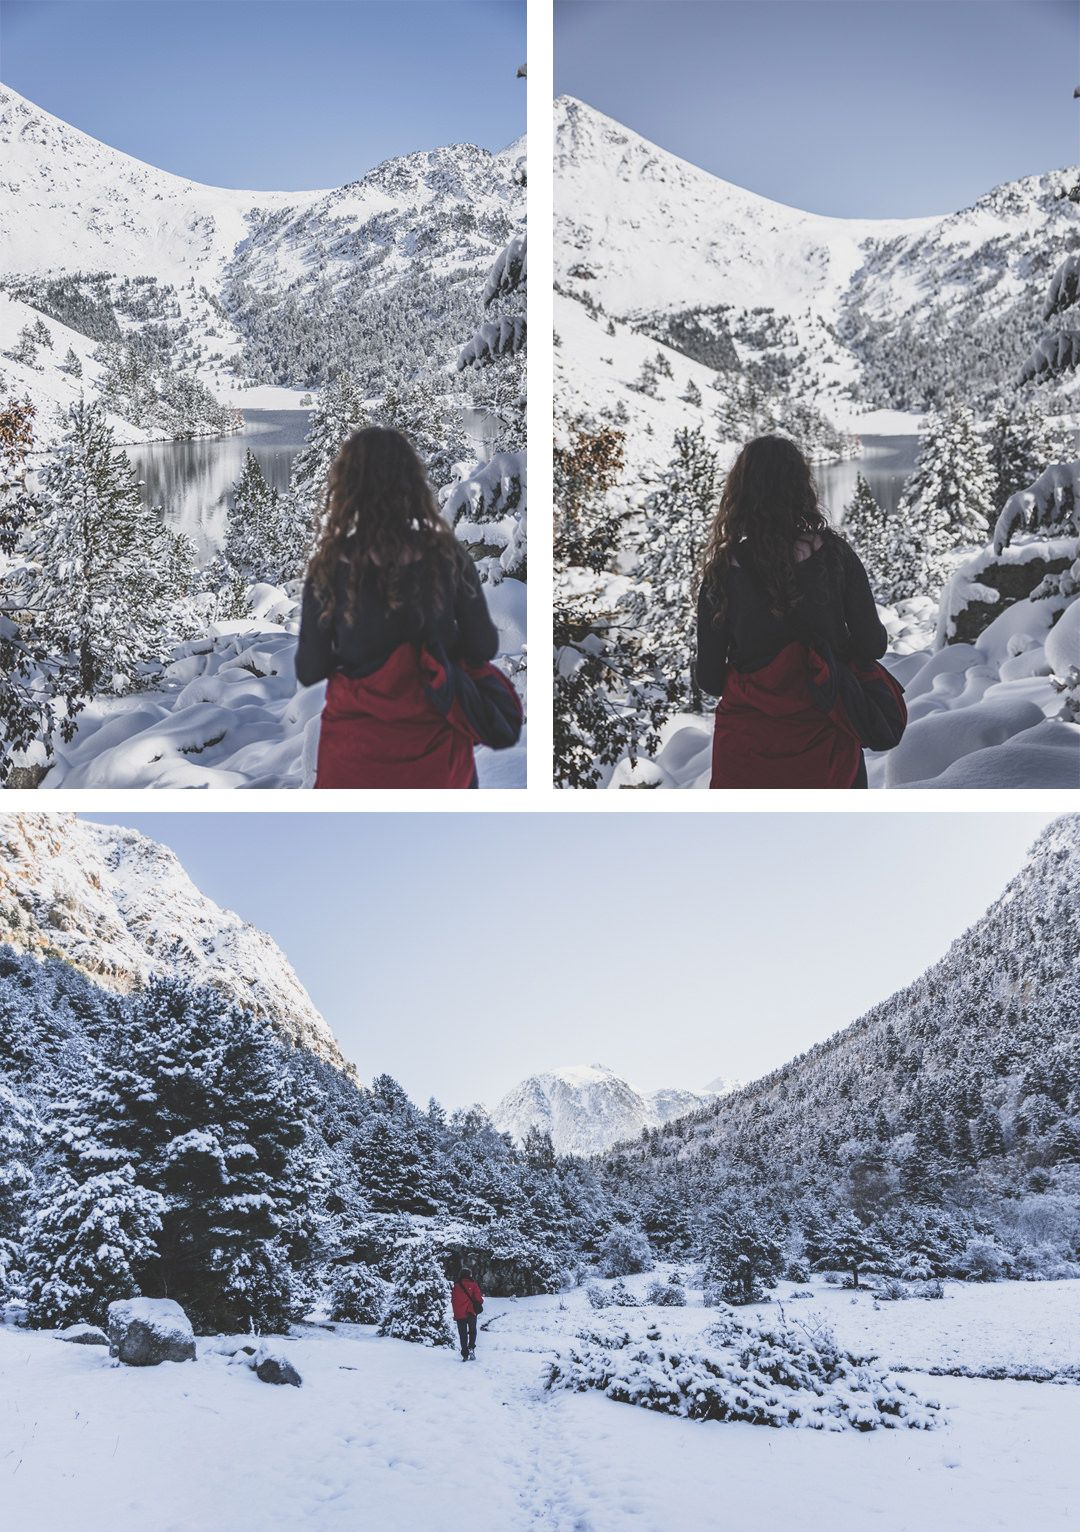 Espagne • Catalogne • Pyrénées • Randonnées au Parc Nacional d'Aigüestortes i Estany de Sant Maurici • Randonnée côté Boì et l'estany llong